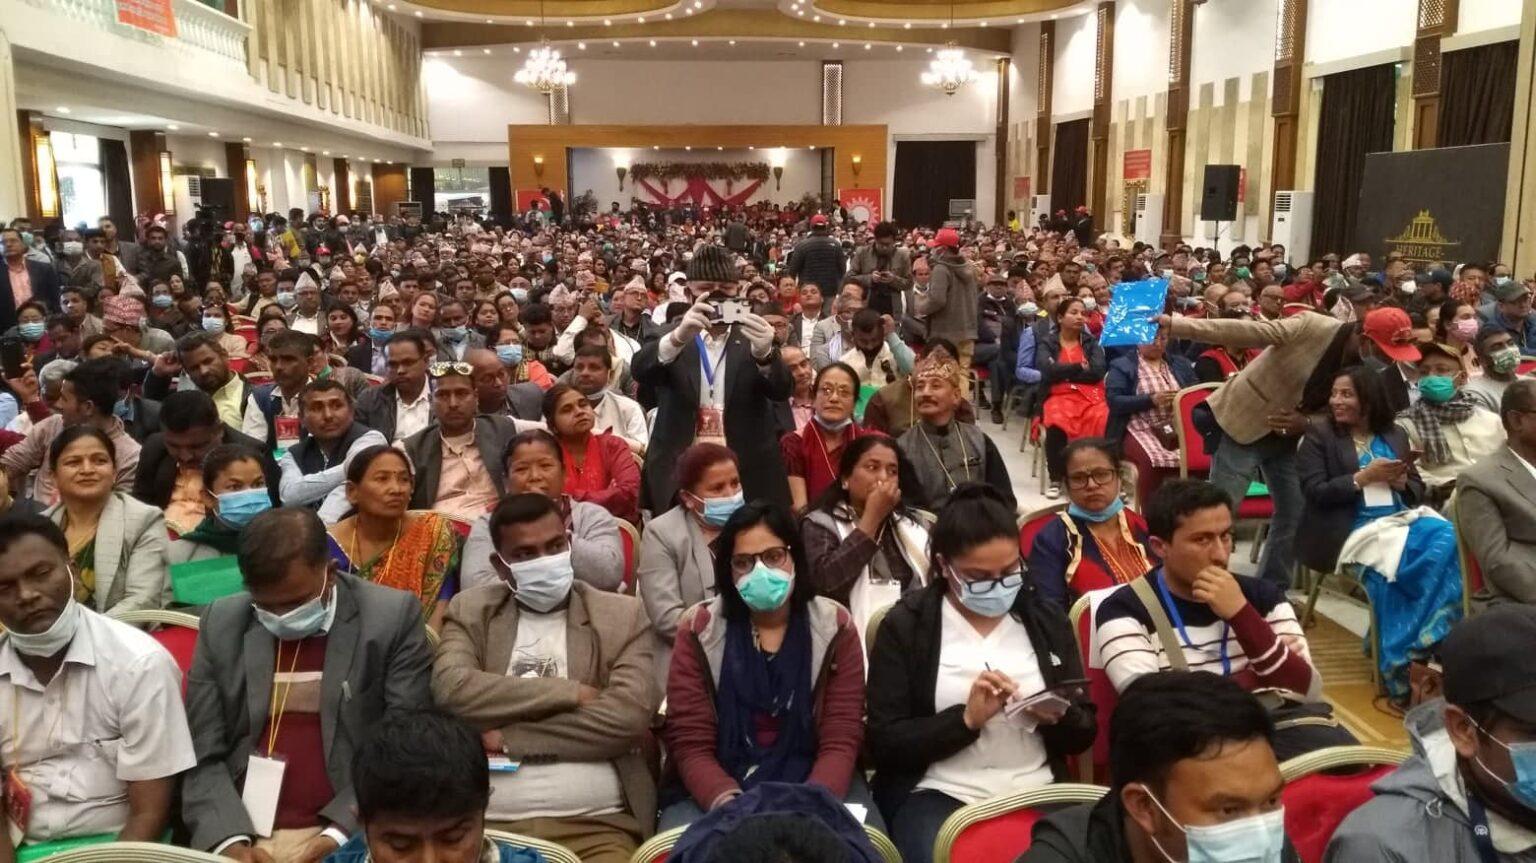 एमाले नेपाल समूहको तयारीः ओलीलाई हटाएर कार्यवाहक नेतृत्वसम्म लिने